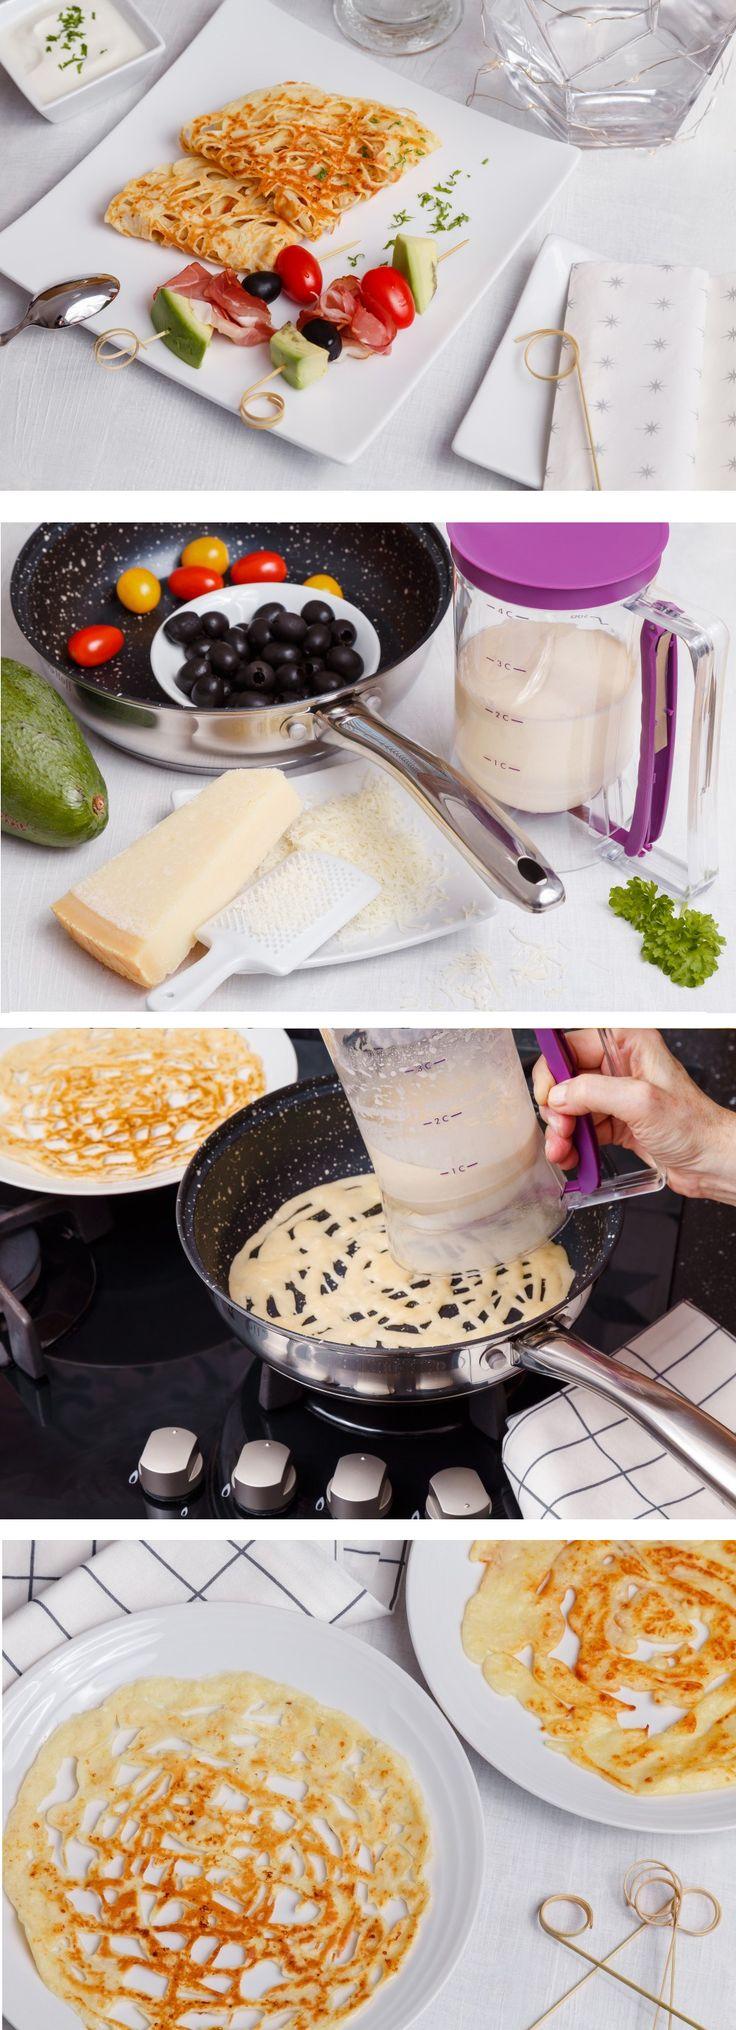 Dávkovač těsta využijete při dávkování porcí těsta na muffiny, lívanečky, čokoládu... my ho vyzkoušeli pro krajkové slané palačinky.